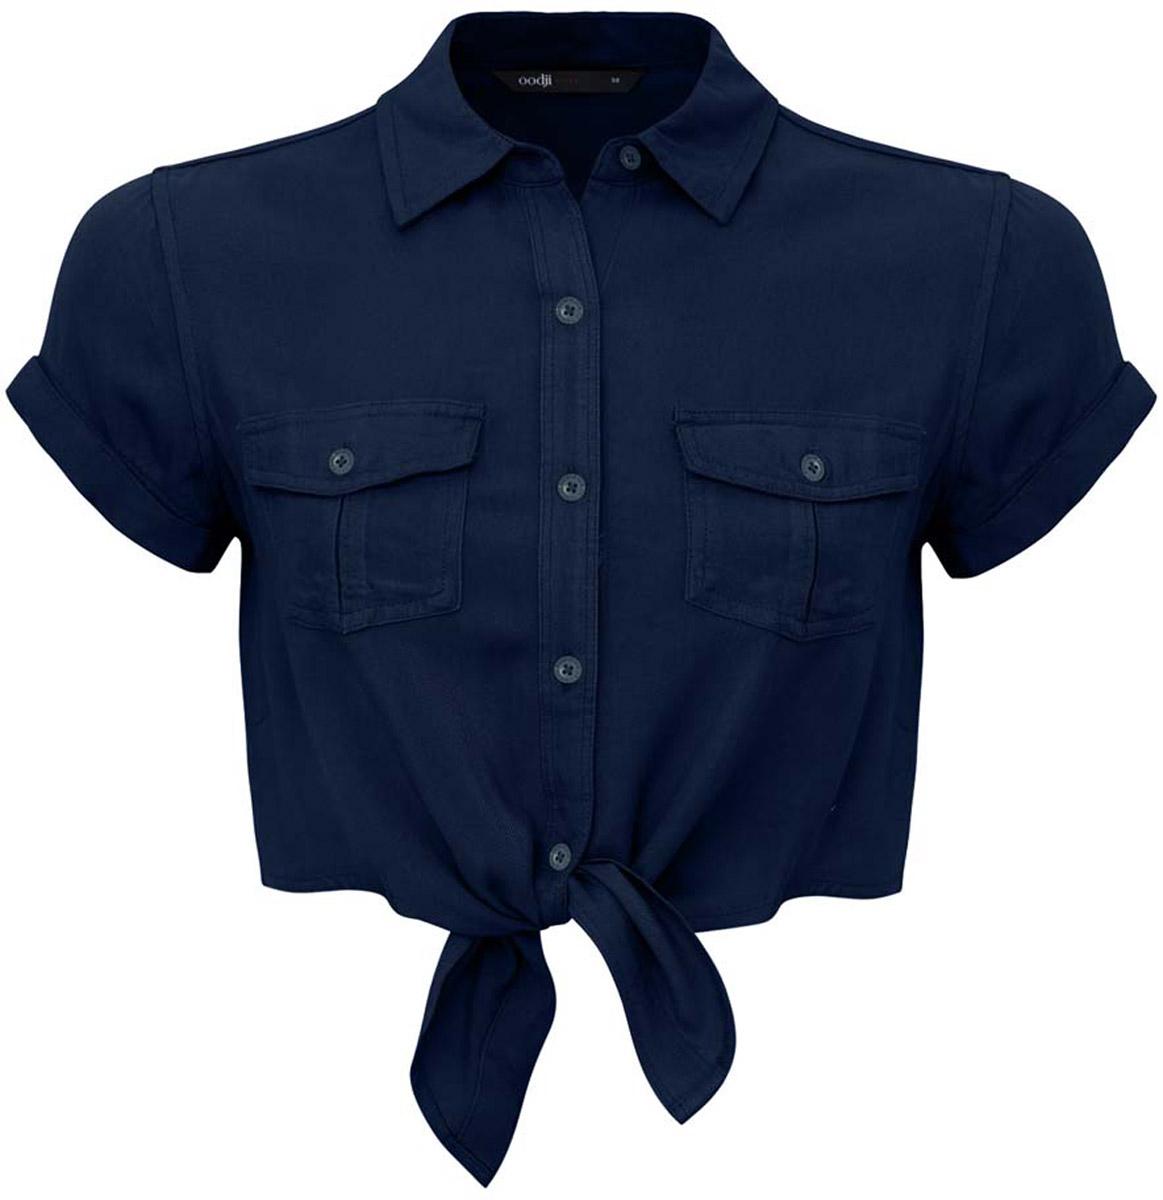 Блузка11400429/42828/7900NУкороченная блузка oodji Ultra выполнена из вискозы. Модель с отложным воротником и короткими рукавами застегивается с помощью пуговиц. Блузка дополнена накладными карманами, закрывающимися клапанами на пуговицы. Рукава дополнены подворотами.